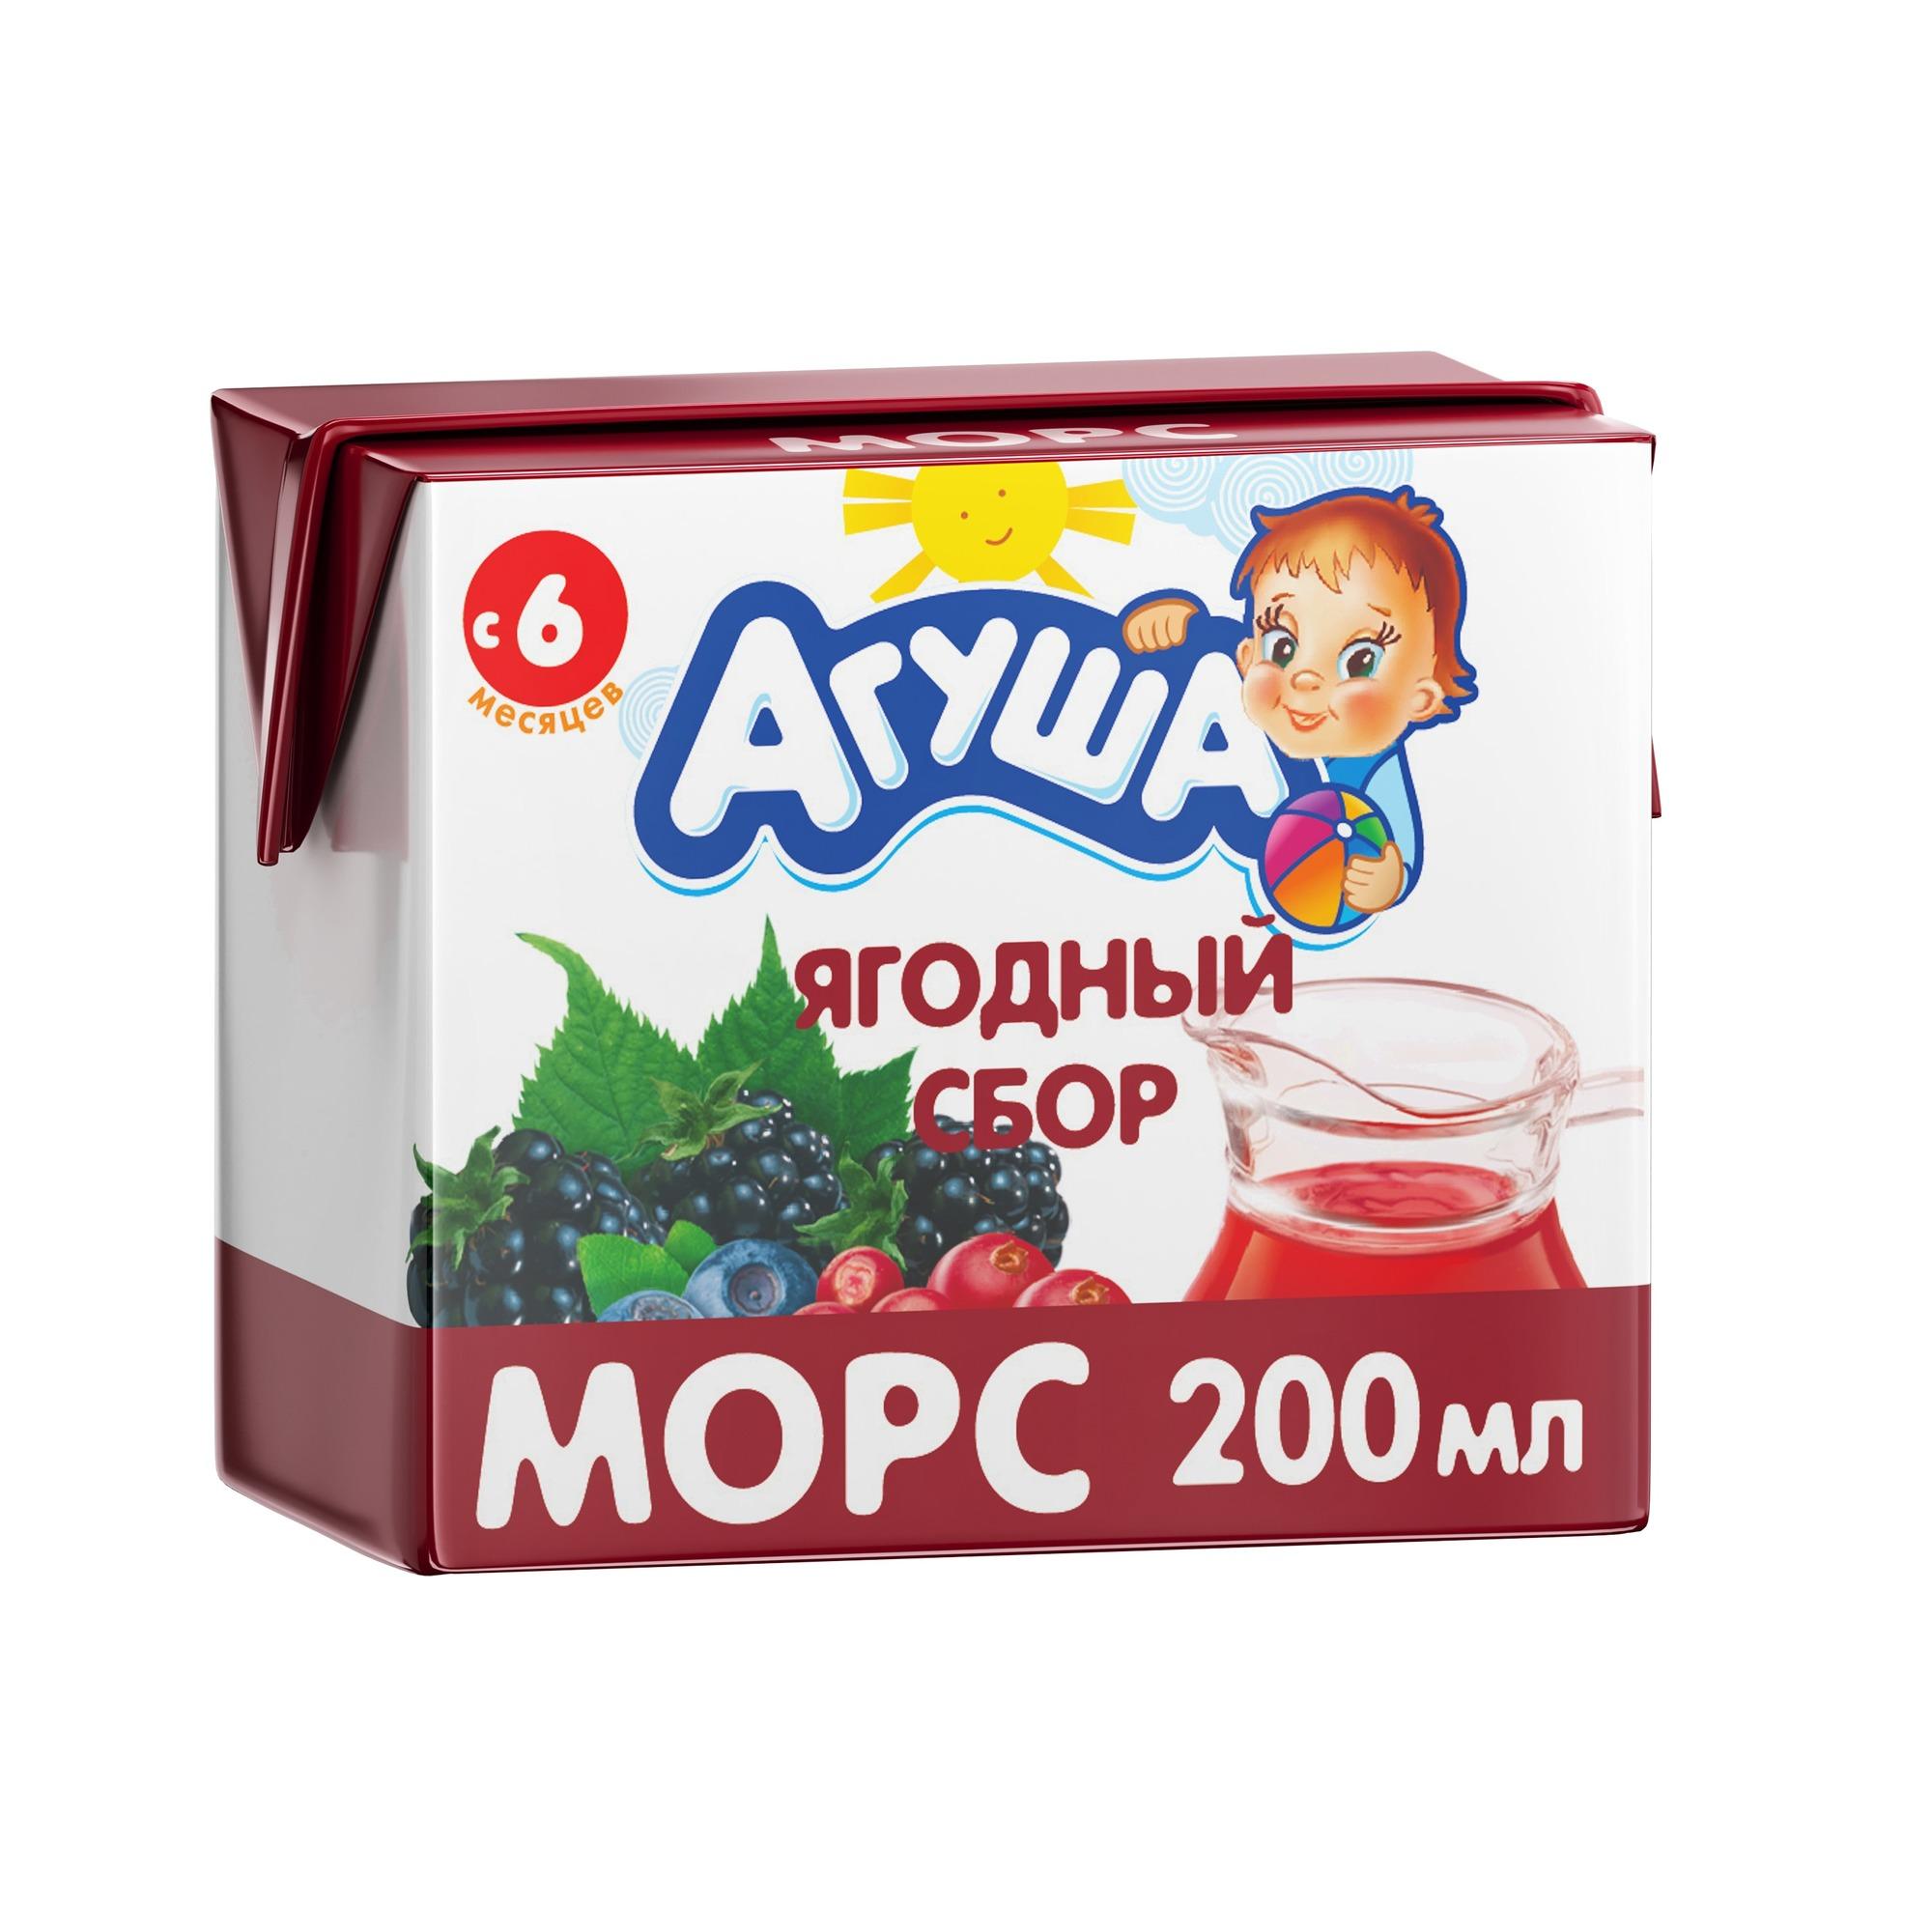 Морс Агуша Ягодный сбор с 6